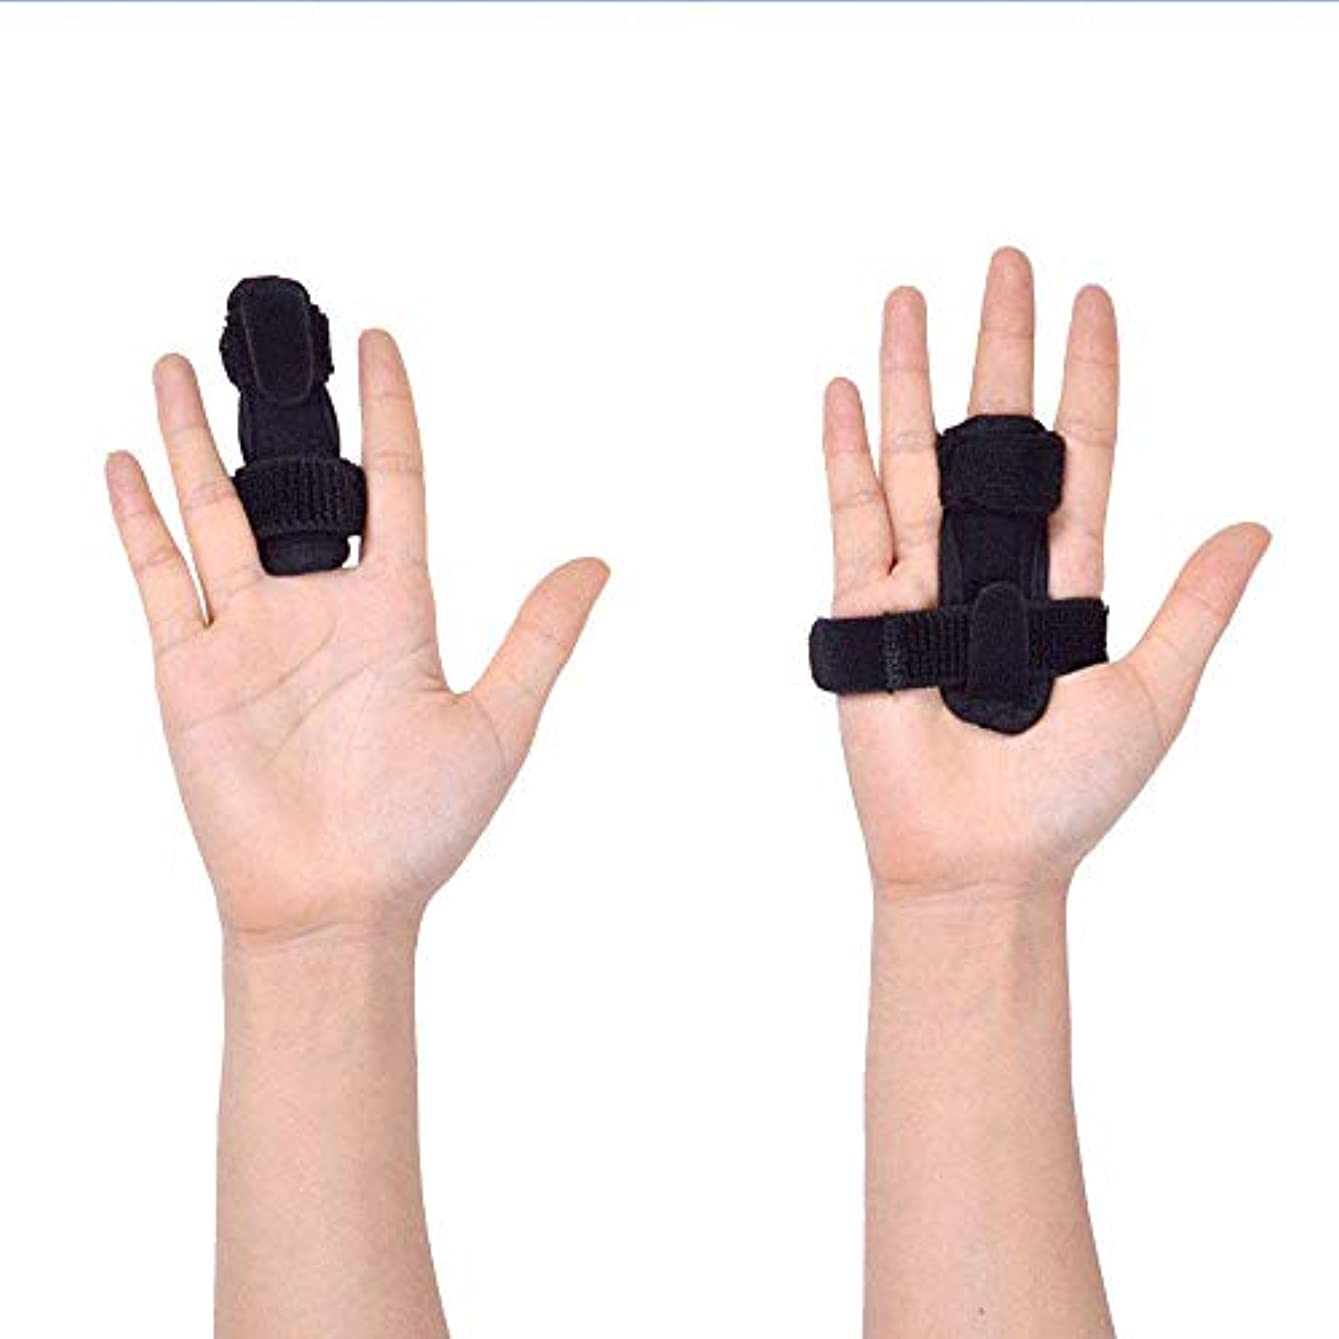 静める便利さストリップ指サポーター ばね指サポーター バネ指 腱鞘炎 指保護 固定